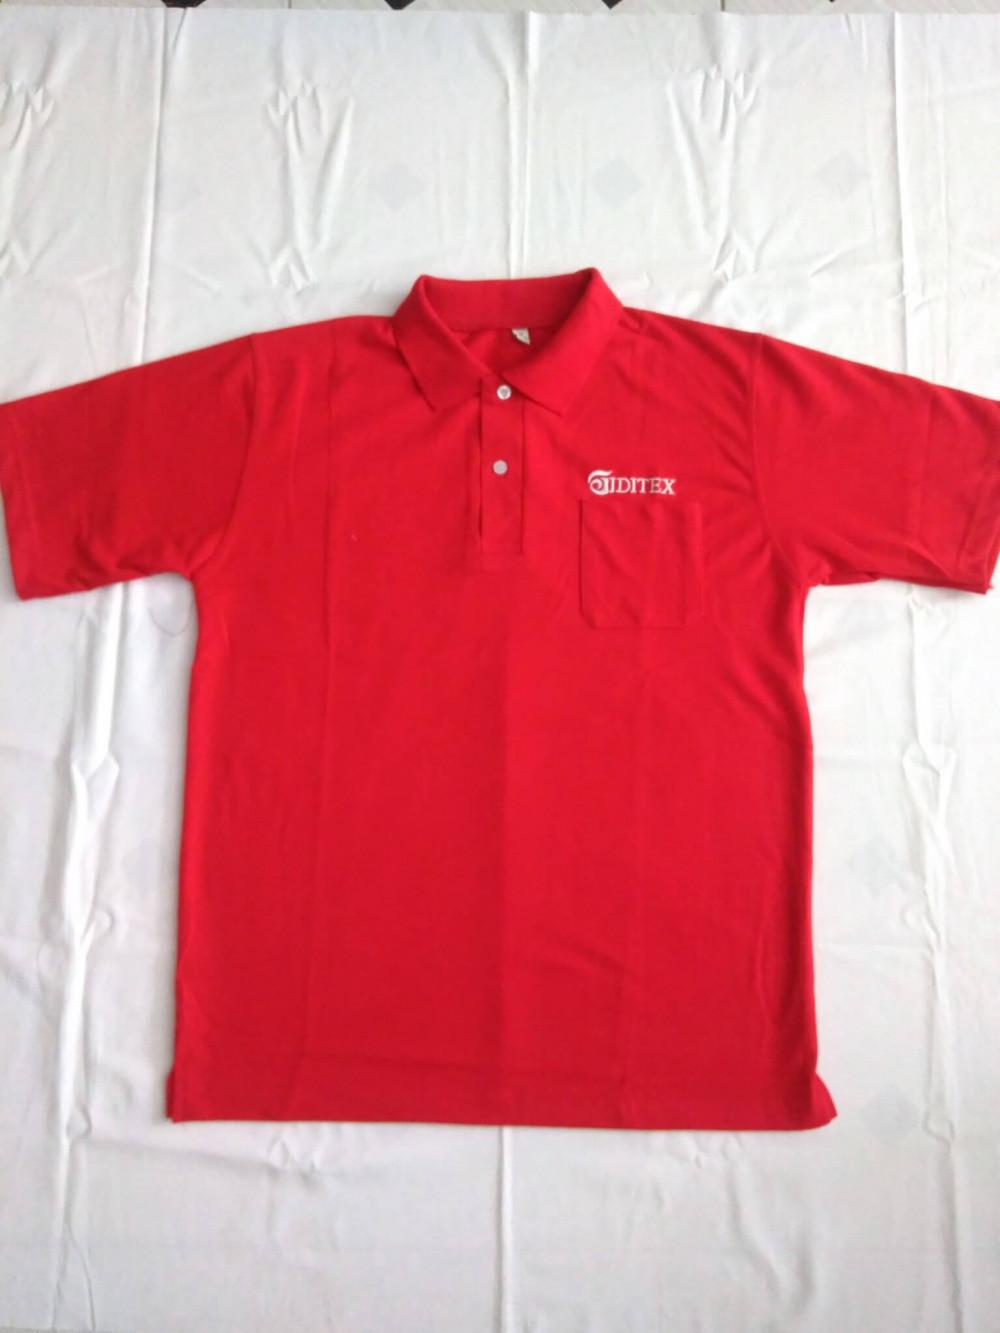 Mẫu áo thun đồng phục đỏ - logo trắng - thành phẩm may gia công áo thun đồng phục từ xưởng may Trang Trần